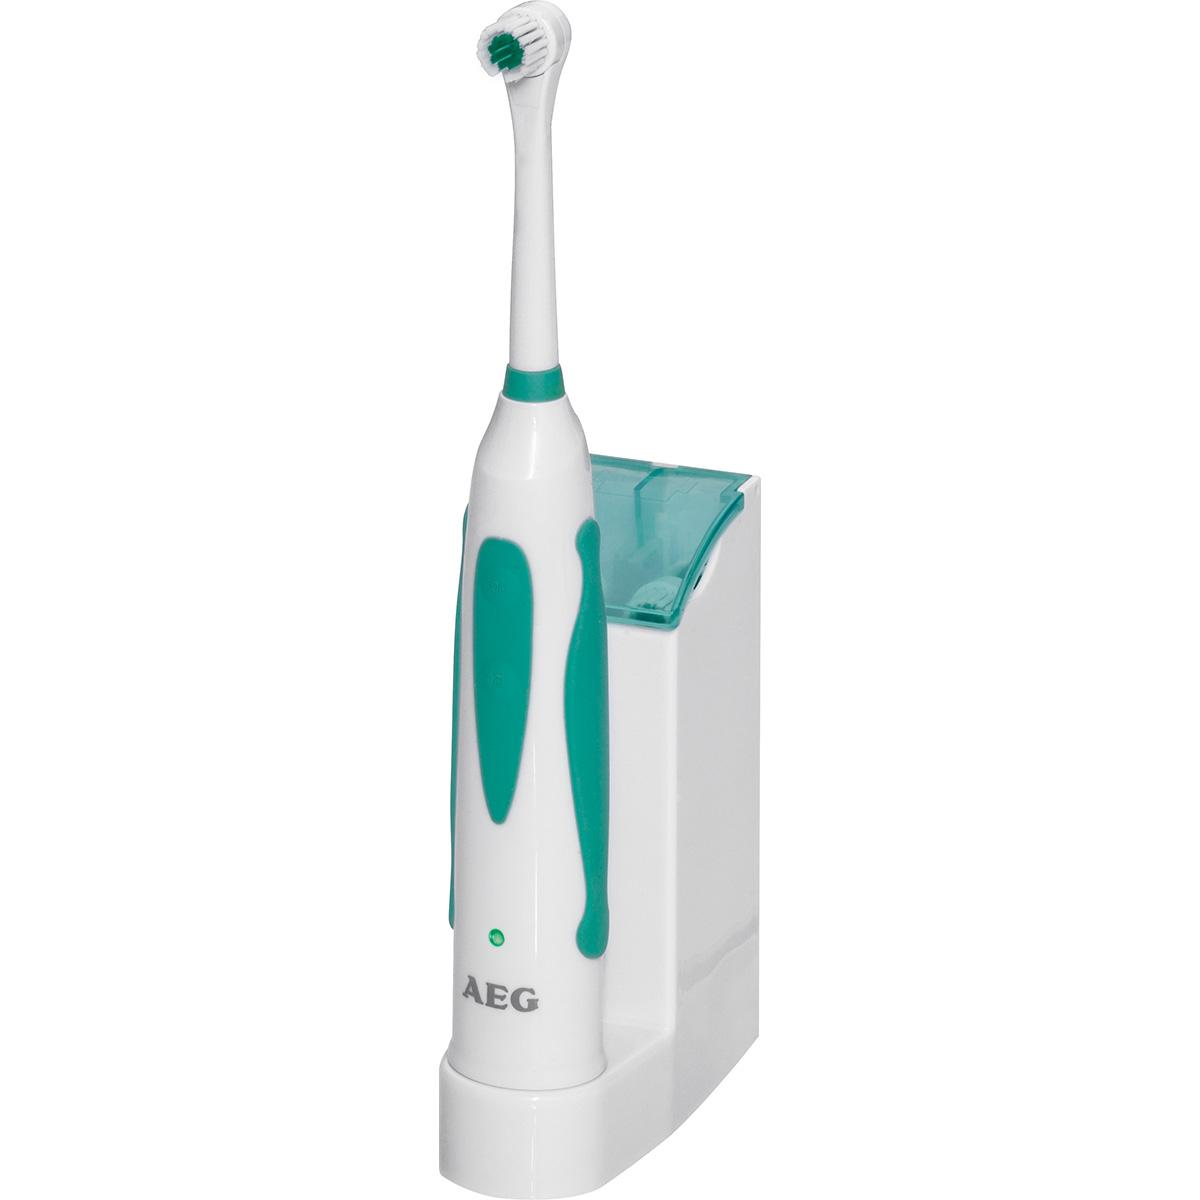 Cabezal de cepillo de rápida oscilación, (bidireccional) para una eliminación suave y efectiva de la placa y las manchas.Potencia 1,5 W ...